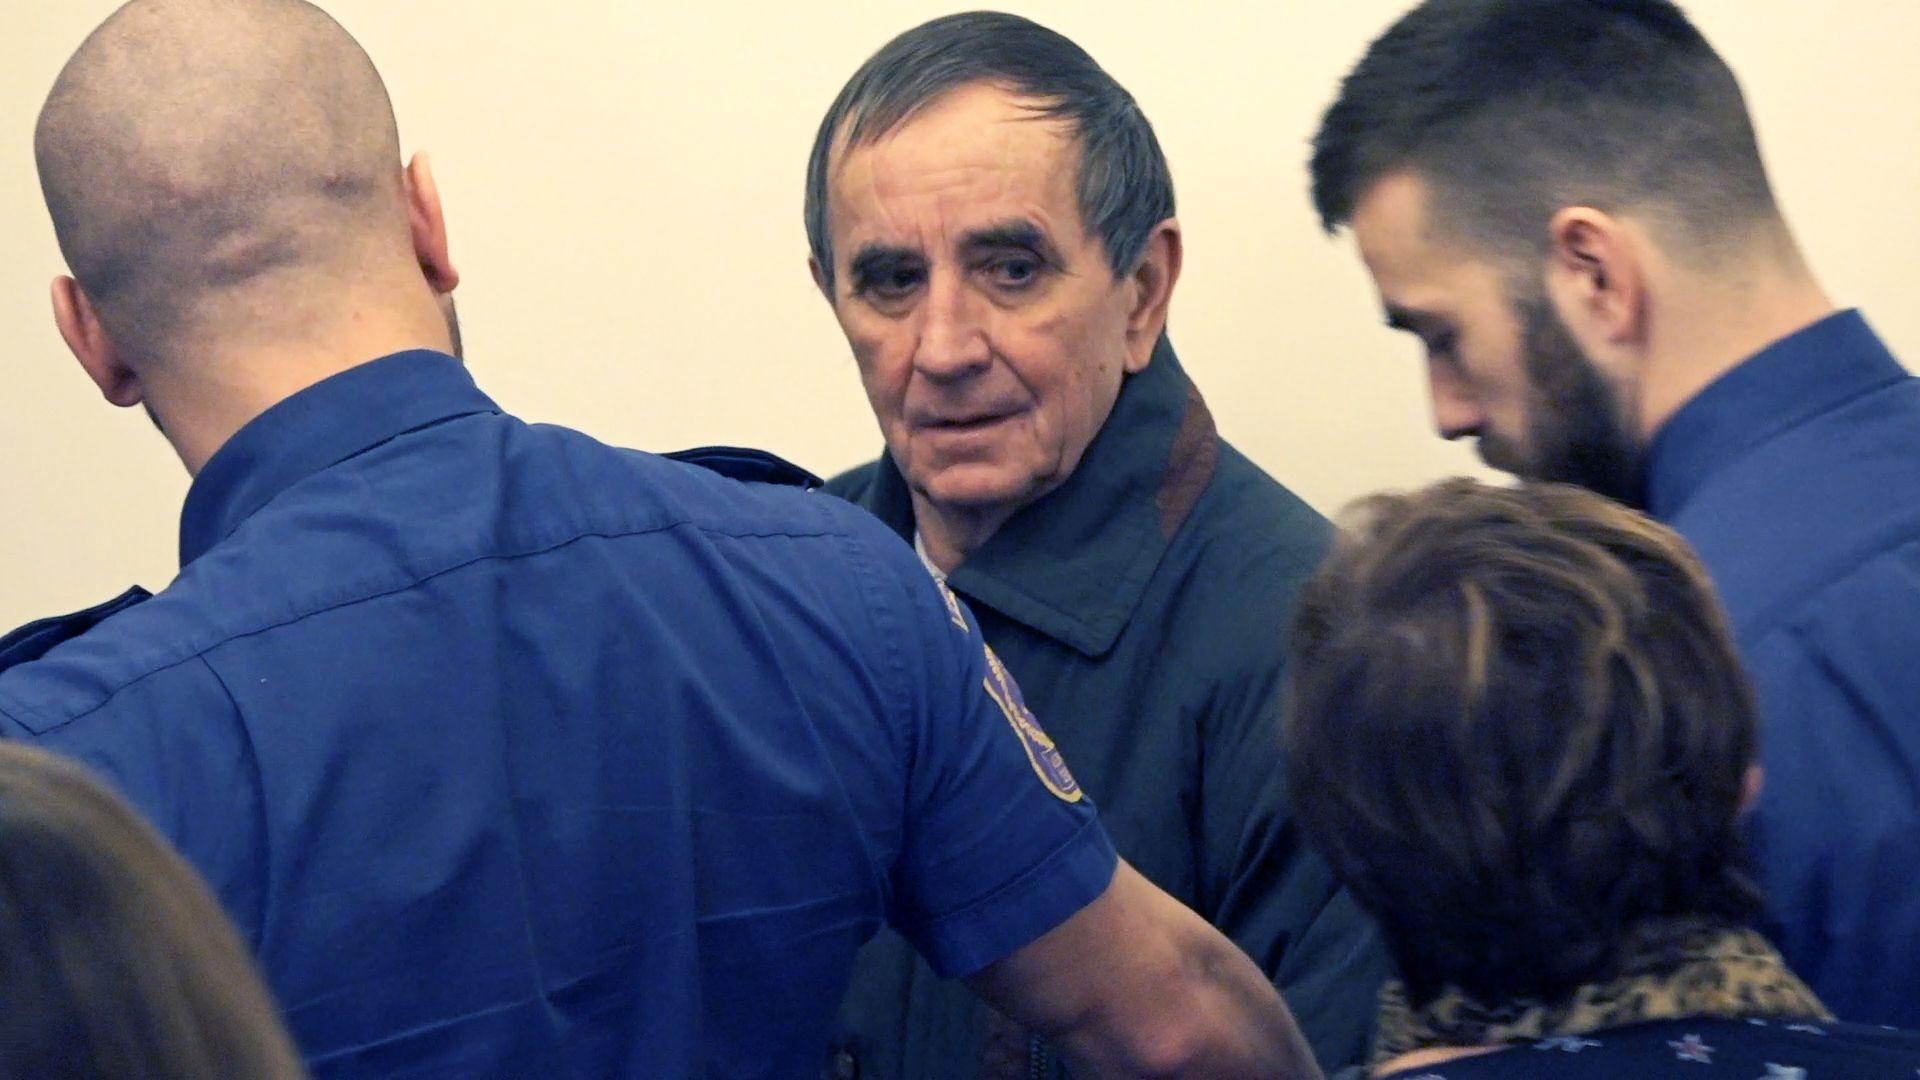 První český terorista chce na svobodu, žádost o propuštění načasoval na den přesně